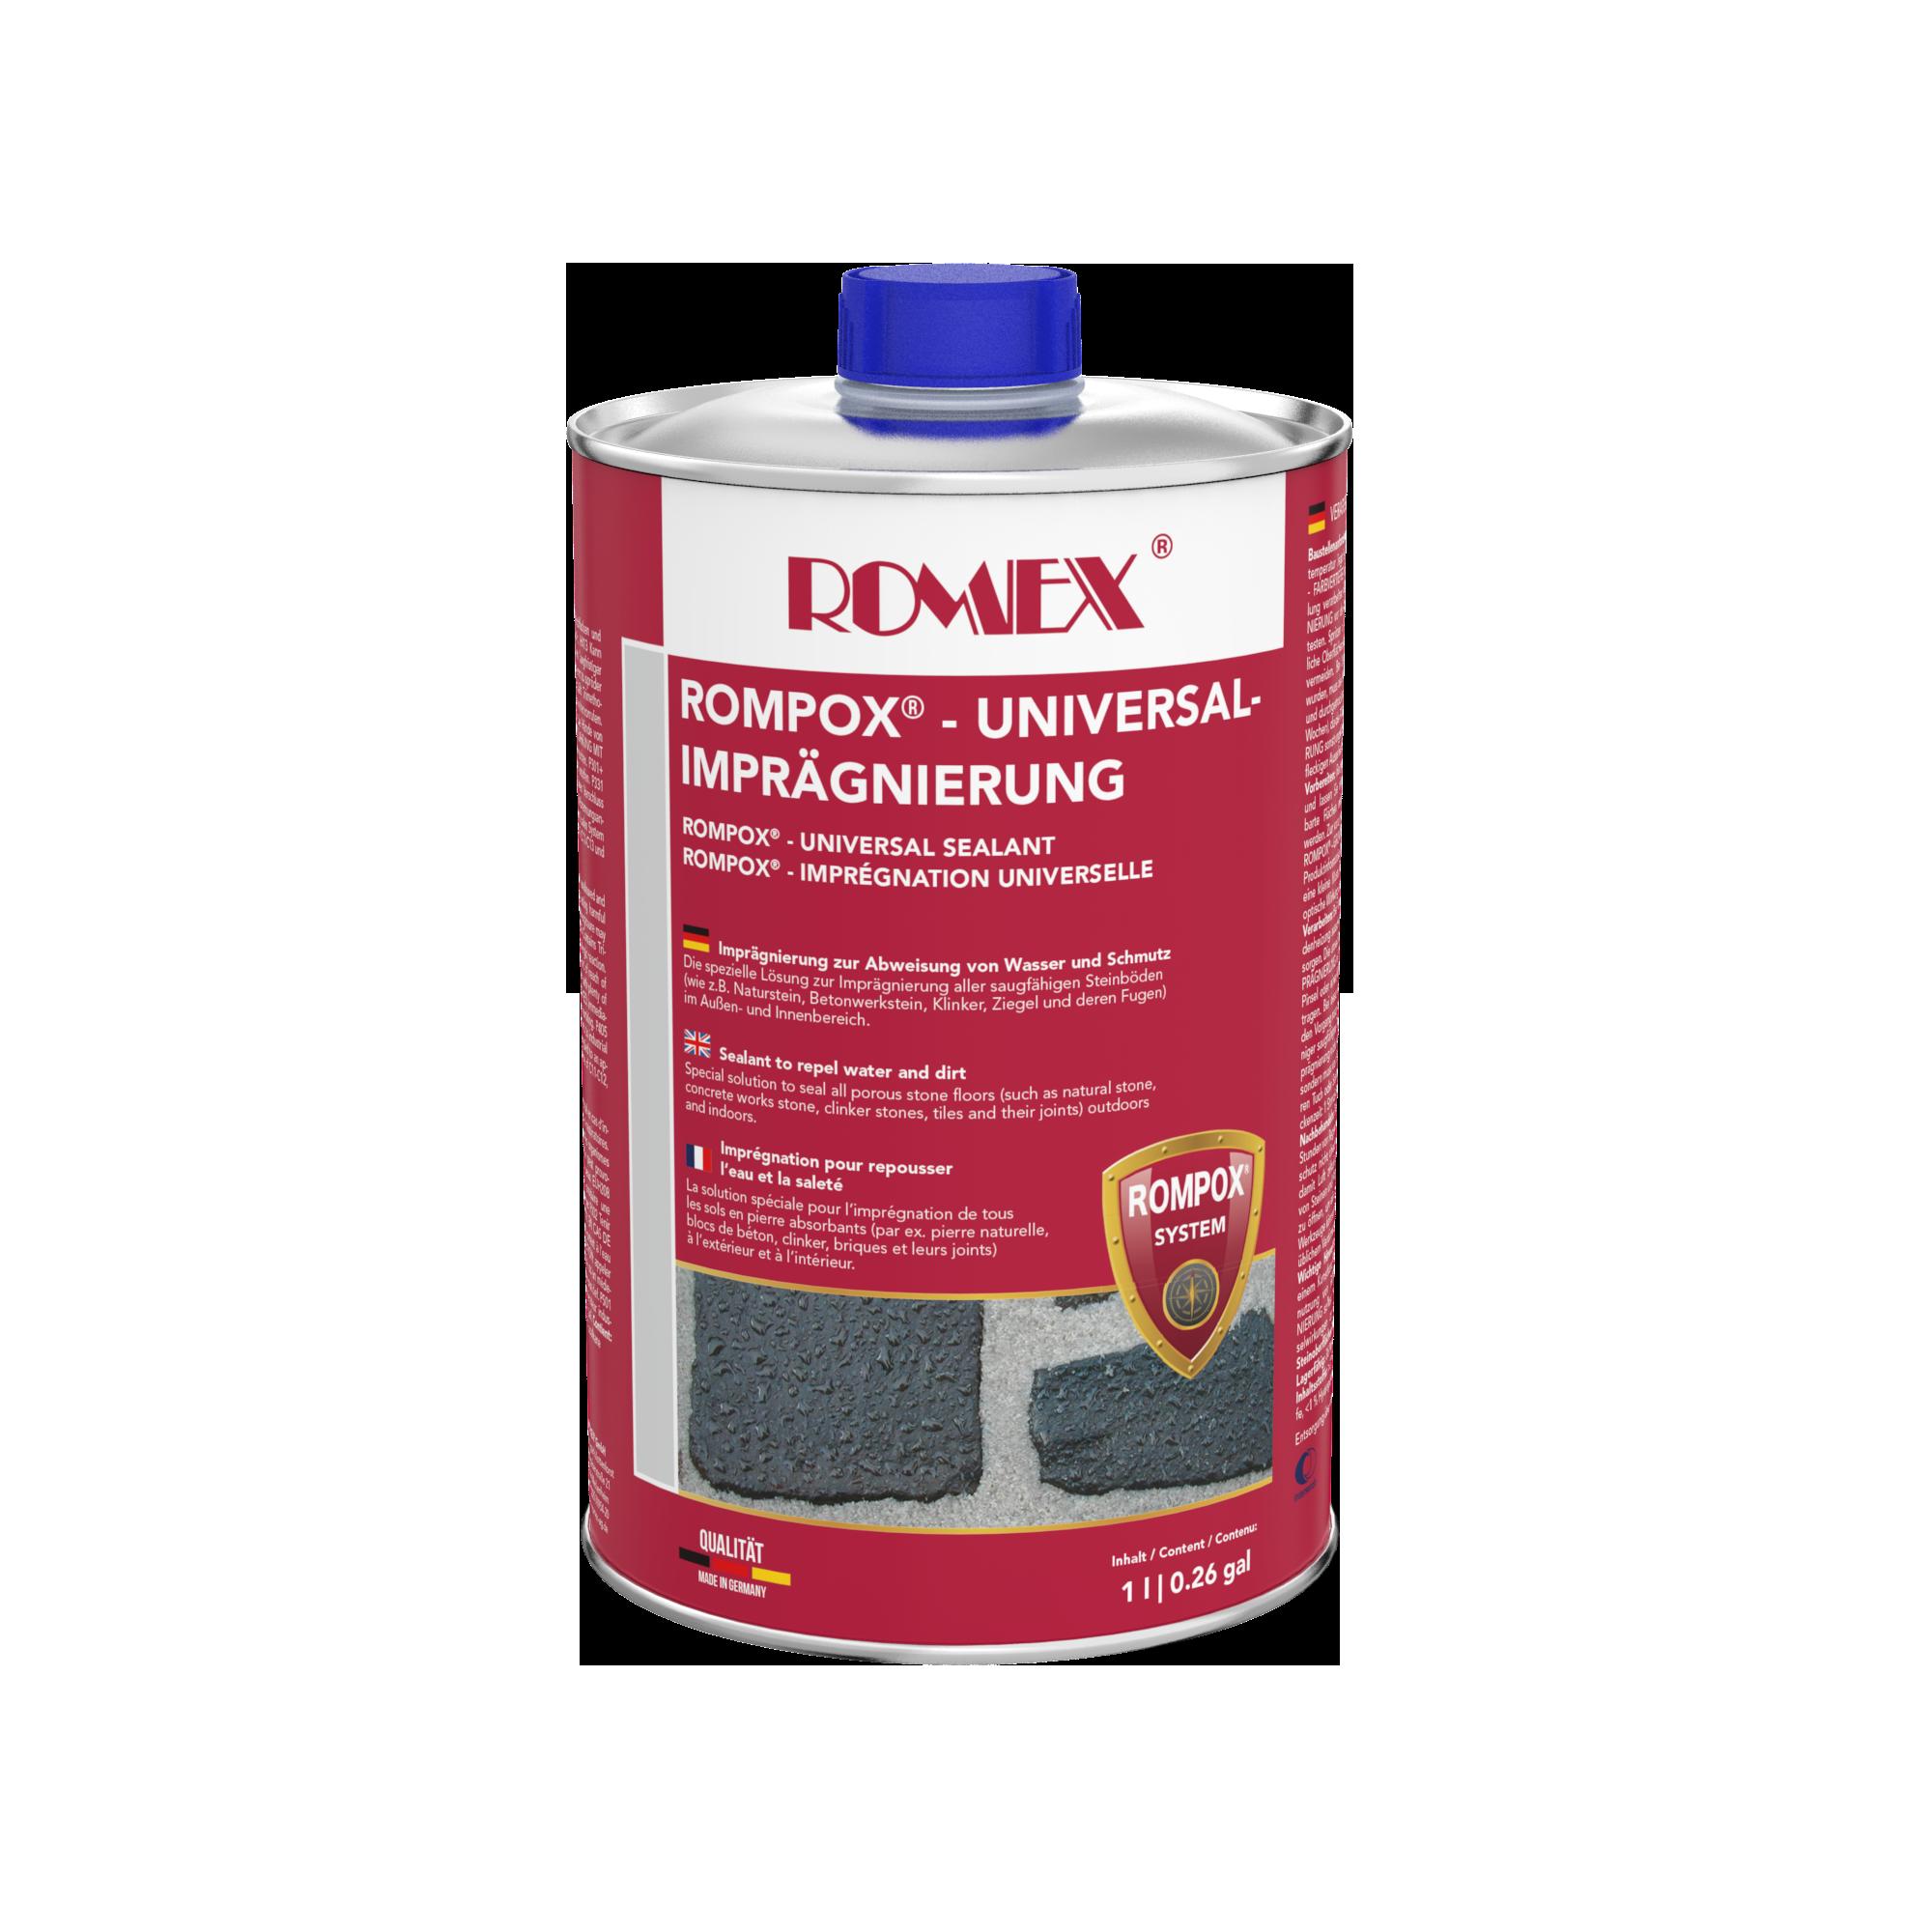 ROMPOX® - Universal Imprägnierung 1 - 10 Liter